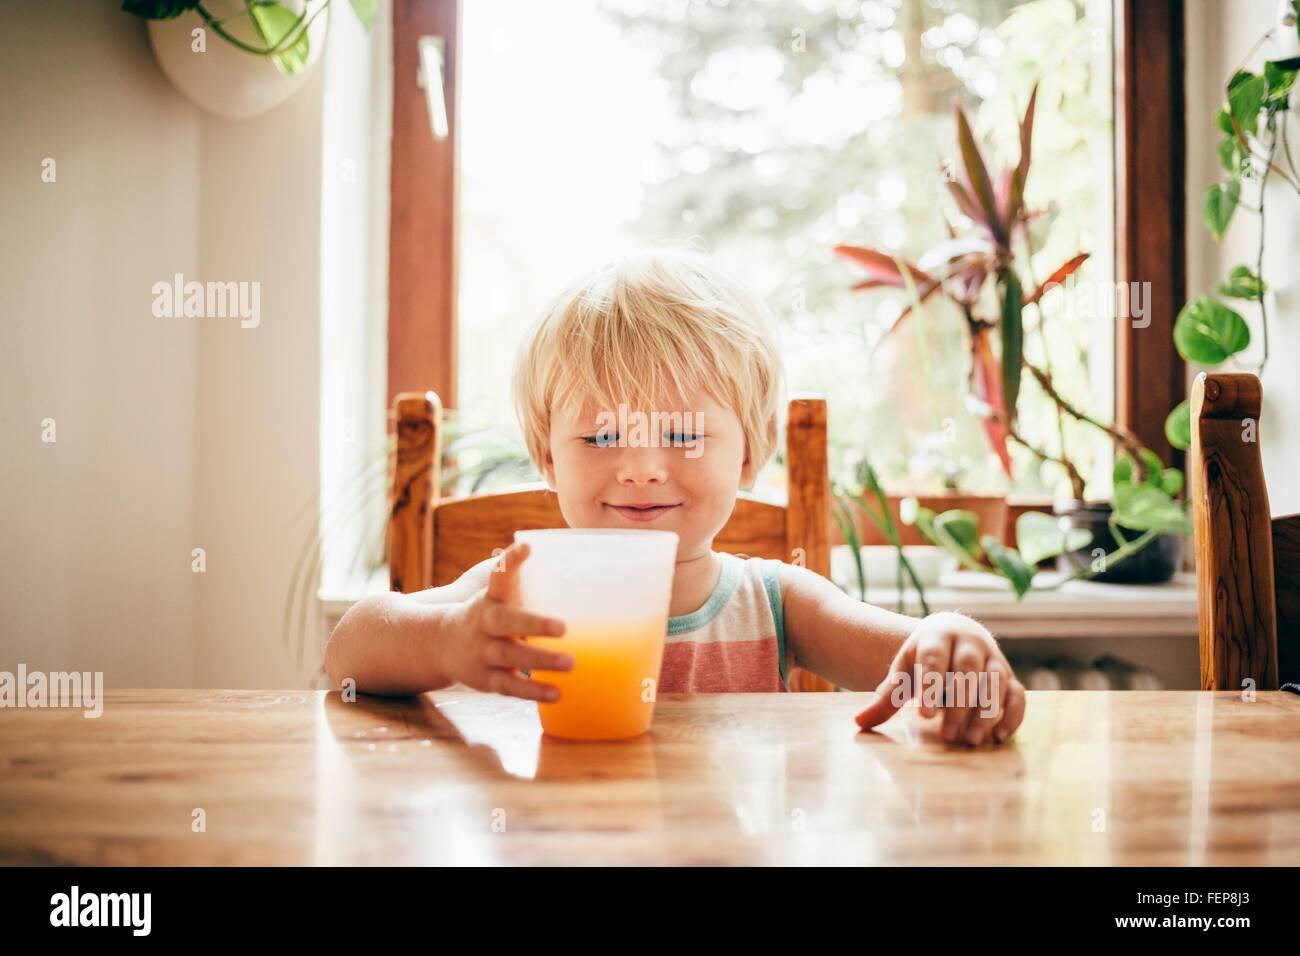 Junge mit Becher Orangensaft blickte lächelnd am Tisch sitzen Stockbild